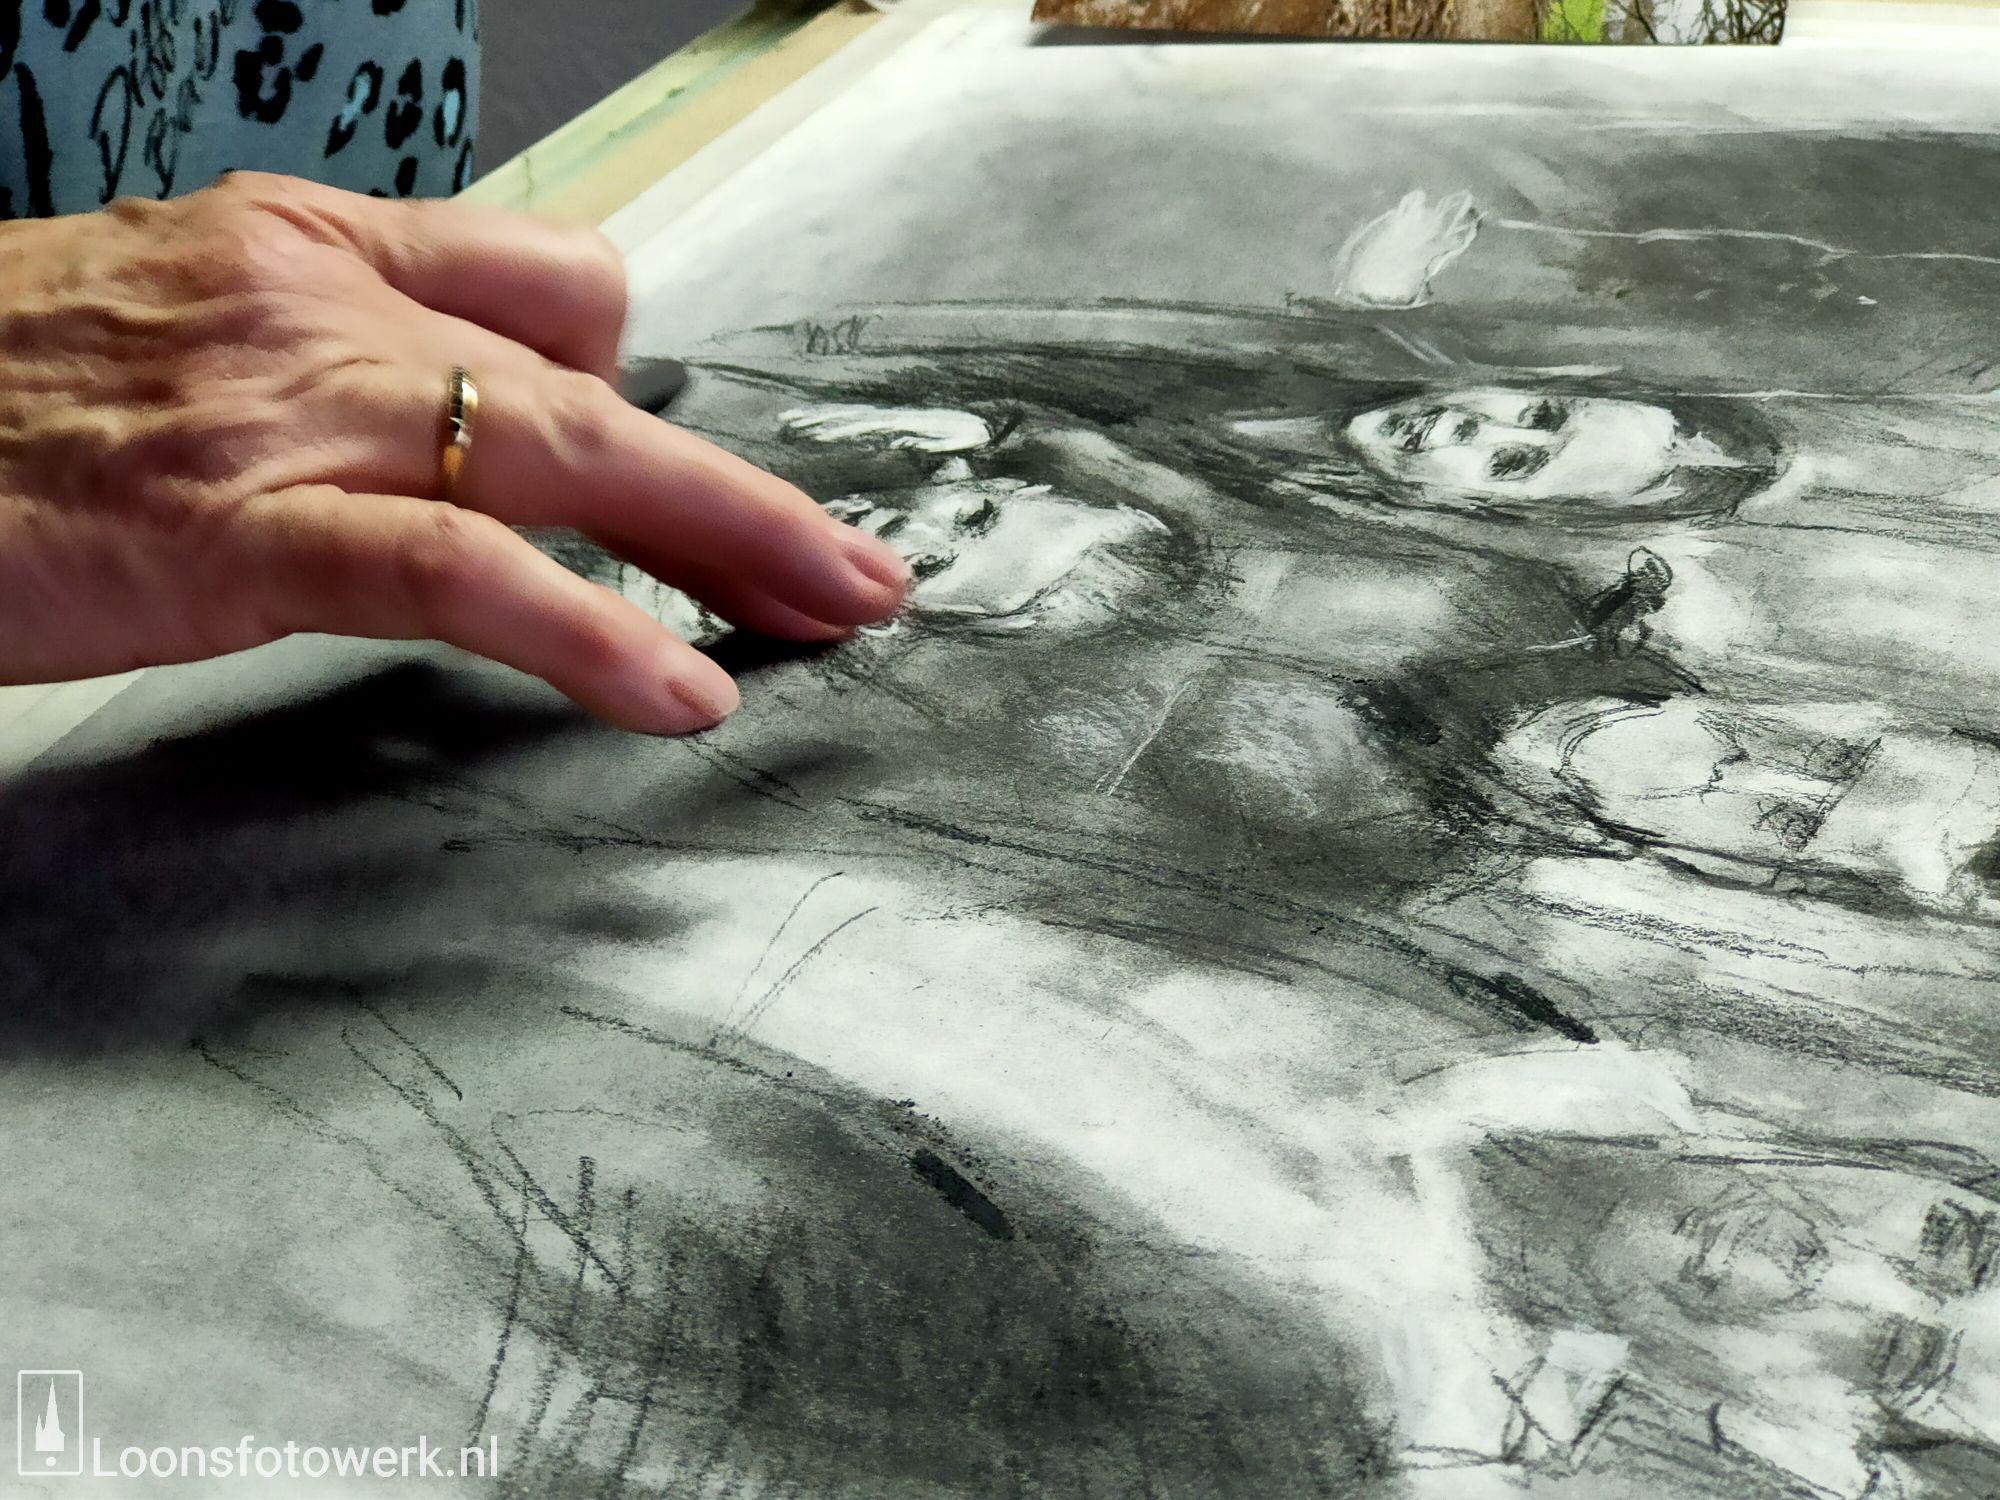 Els Smulders - Waijers, kunstenares in hart en nieren 14